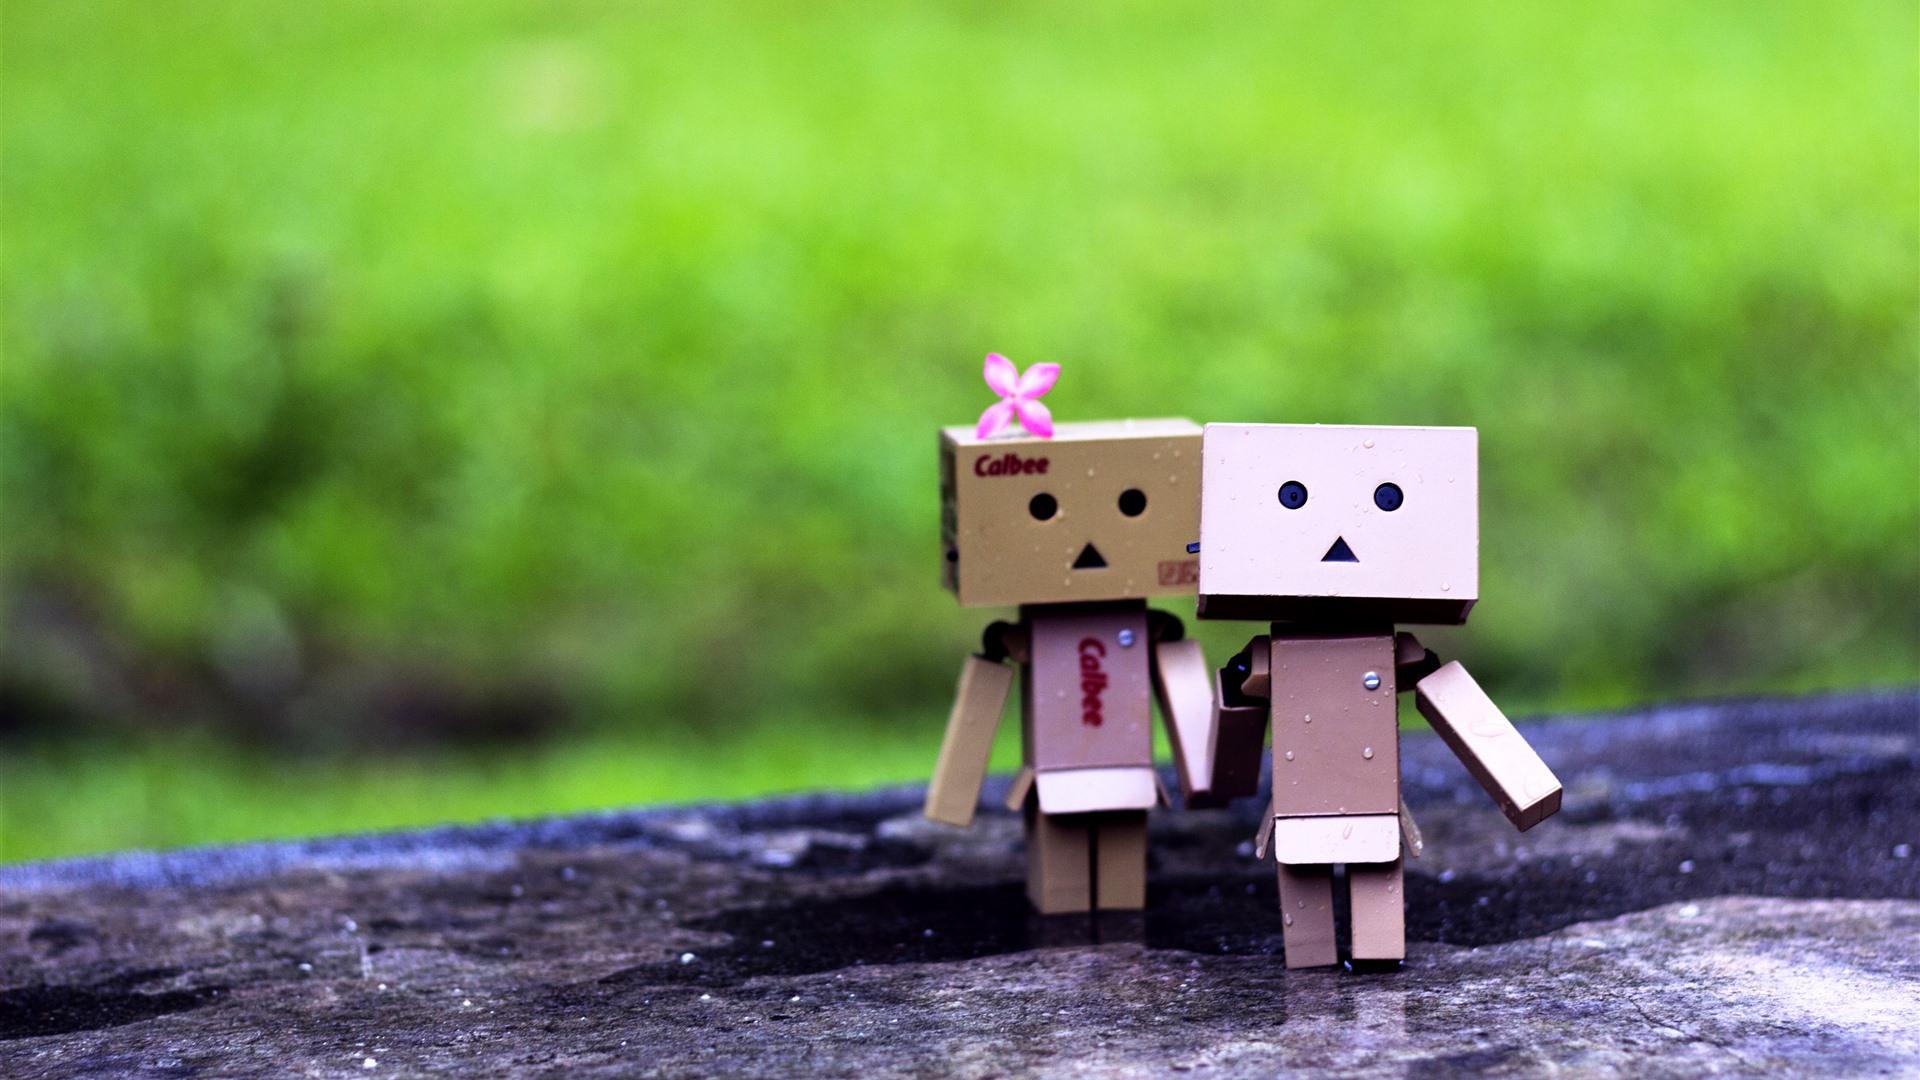 壁紙 ダンボー 少女と少年 51x Uhd 5k 無料のデスクトップの背景 画像